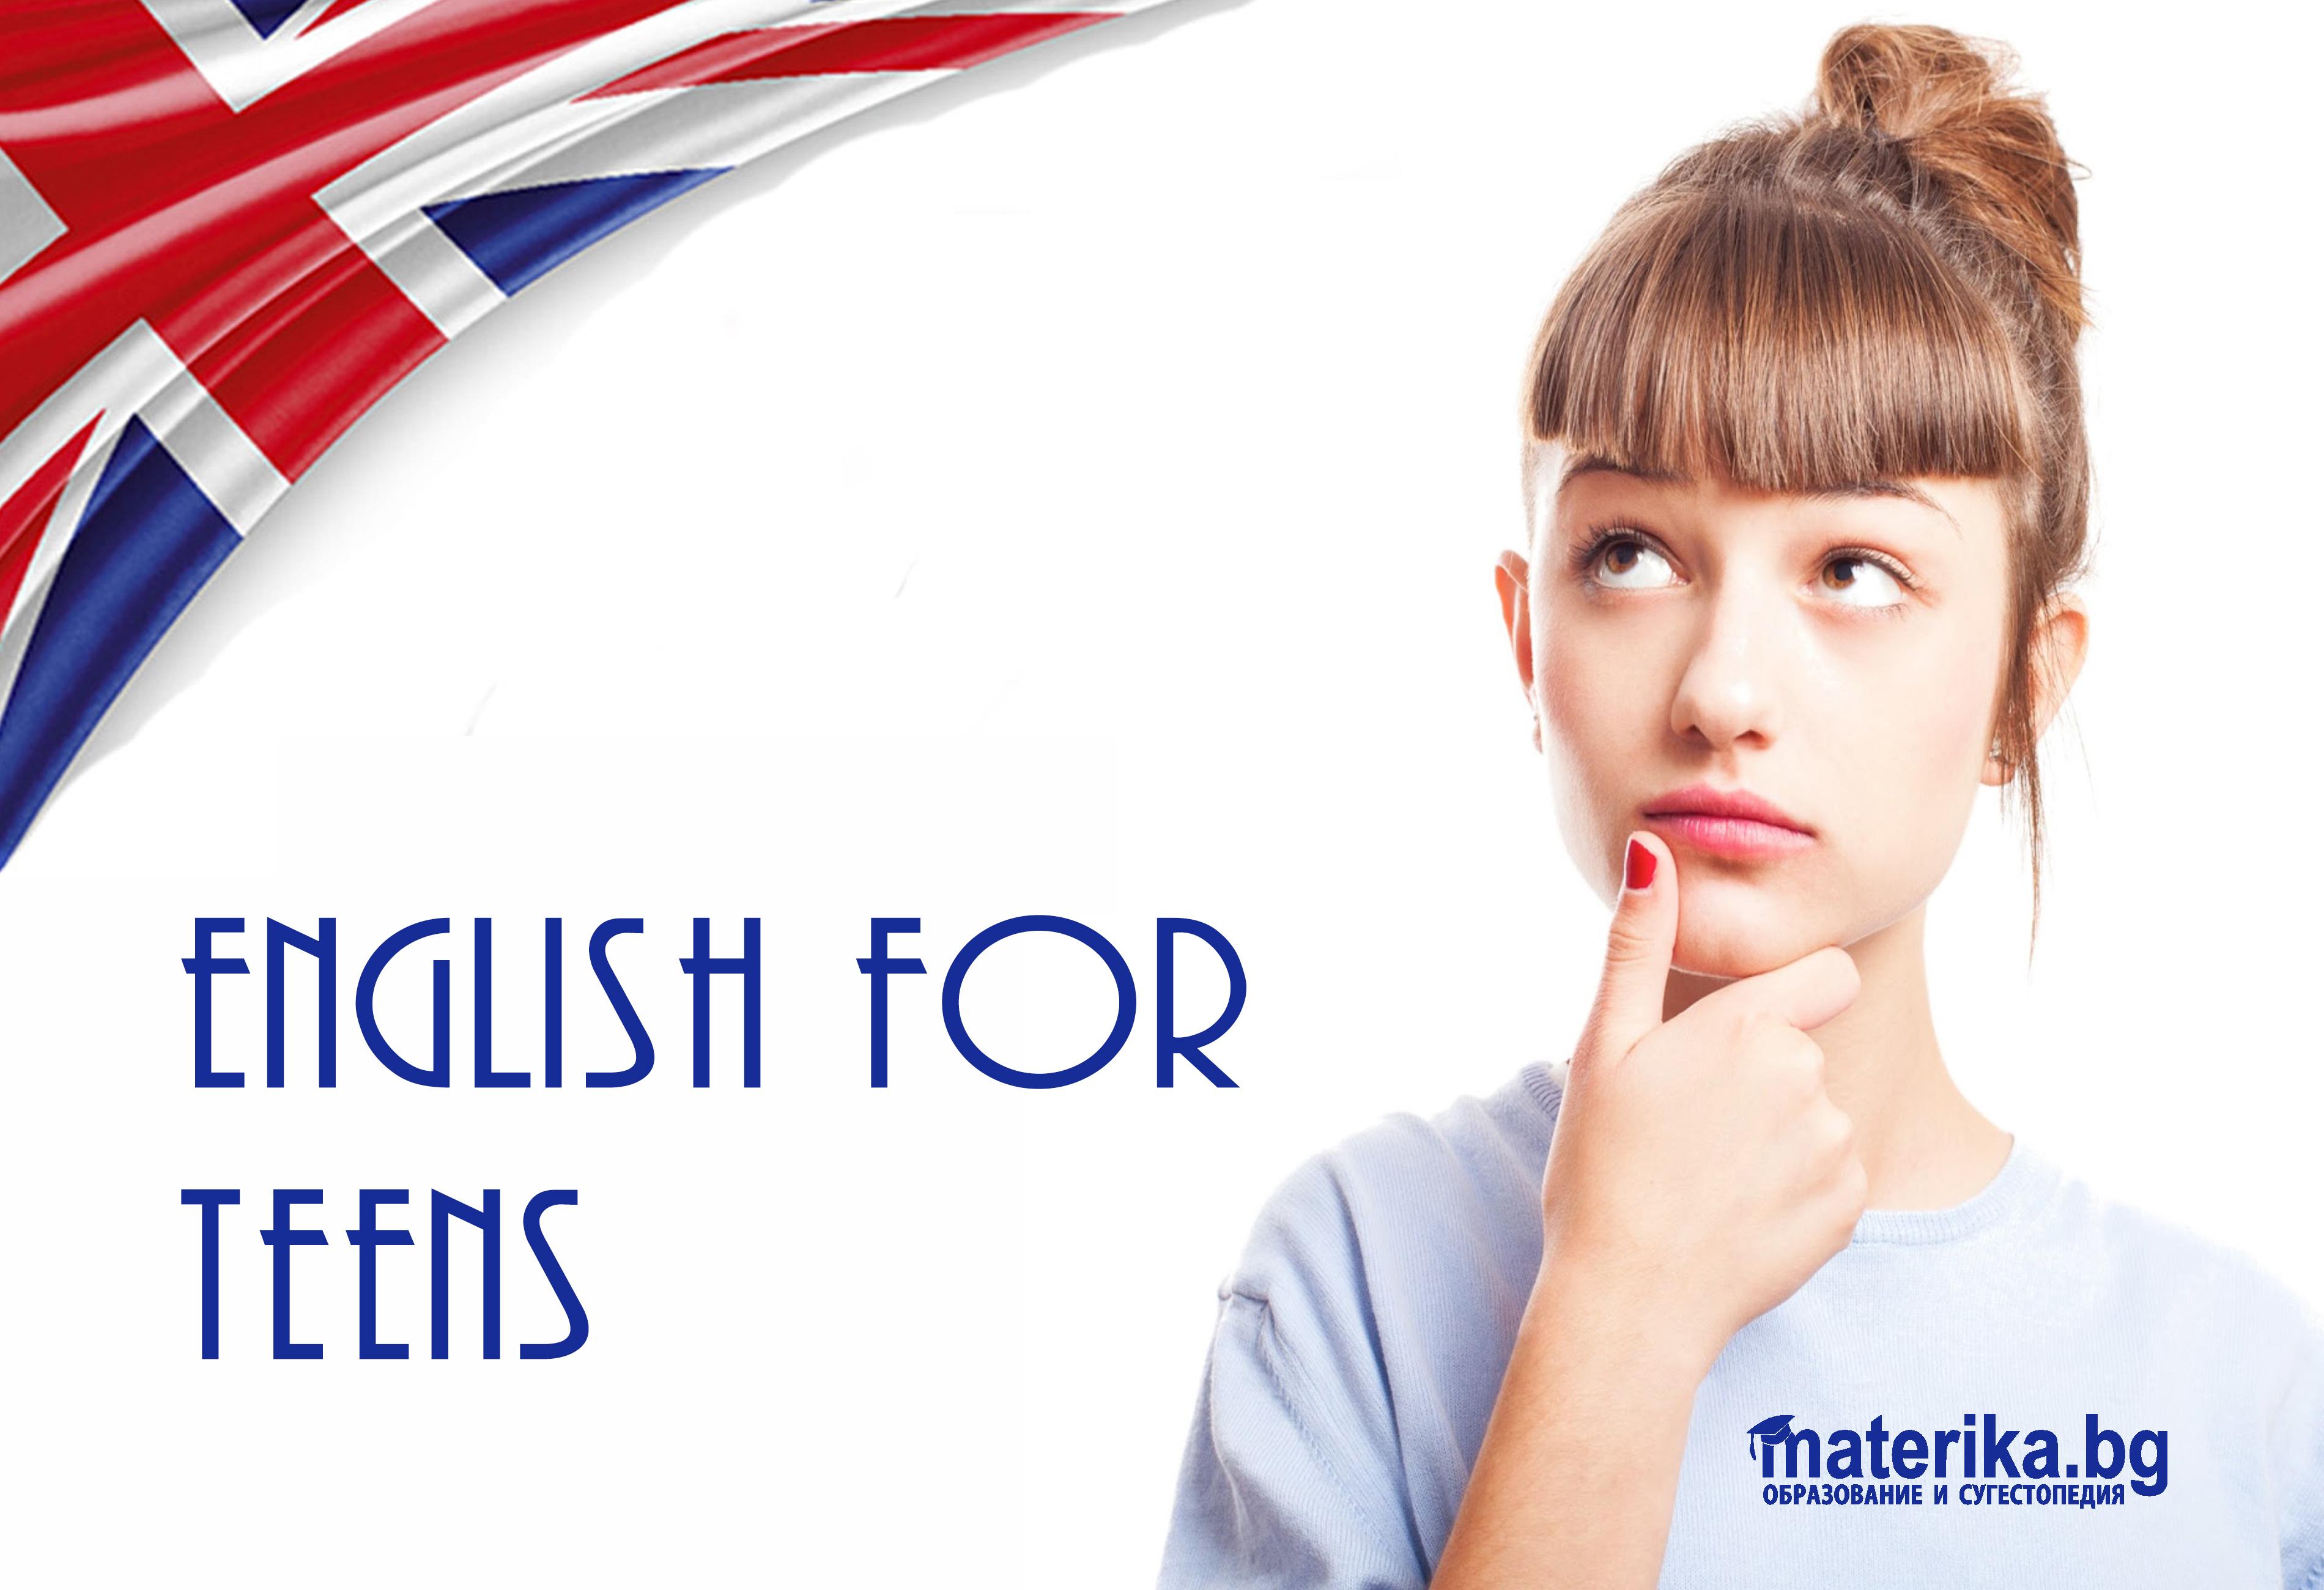 Английски език за тийнейджъри с метода Сугестопедия